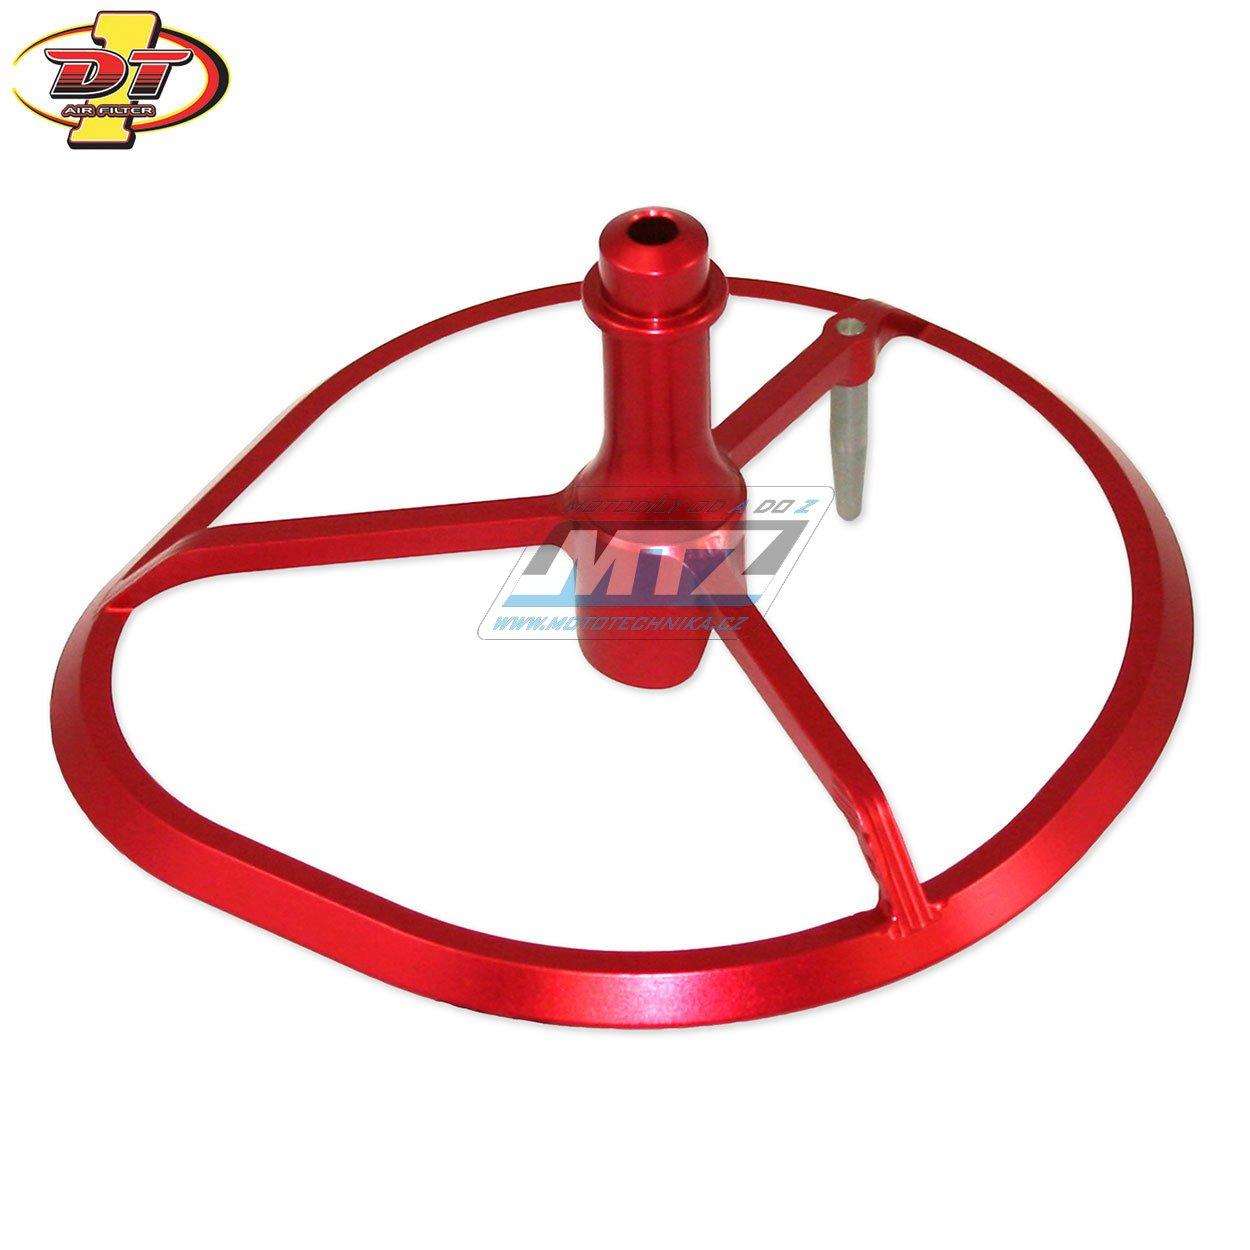 """Klec vzduchového filtru """"závodní provedení DT-1 Power Cage"""" - Suzuki RM125 / 04 +  RM250 / 04 + RMZ250 / 07 + RMZ450 / 06"""